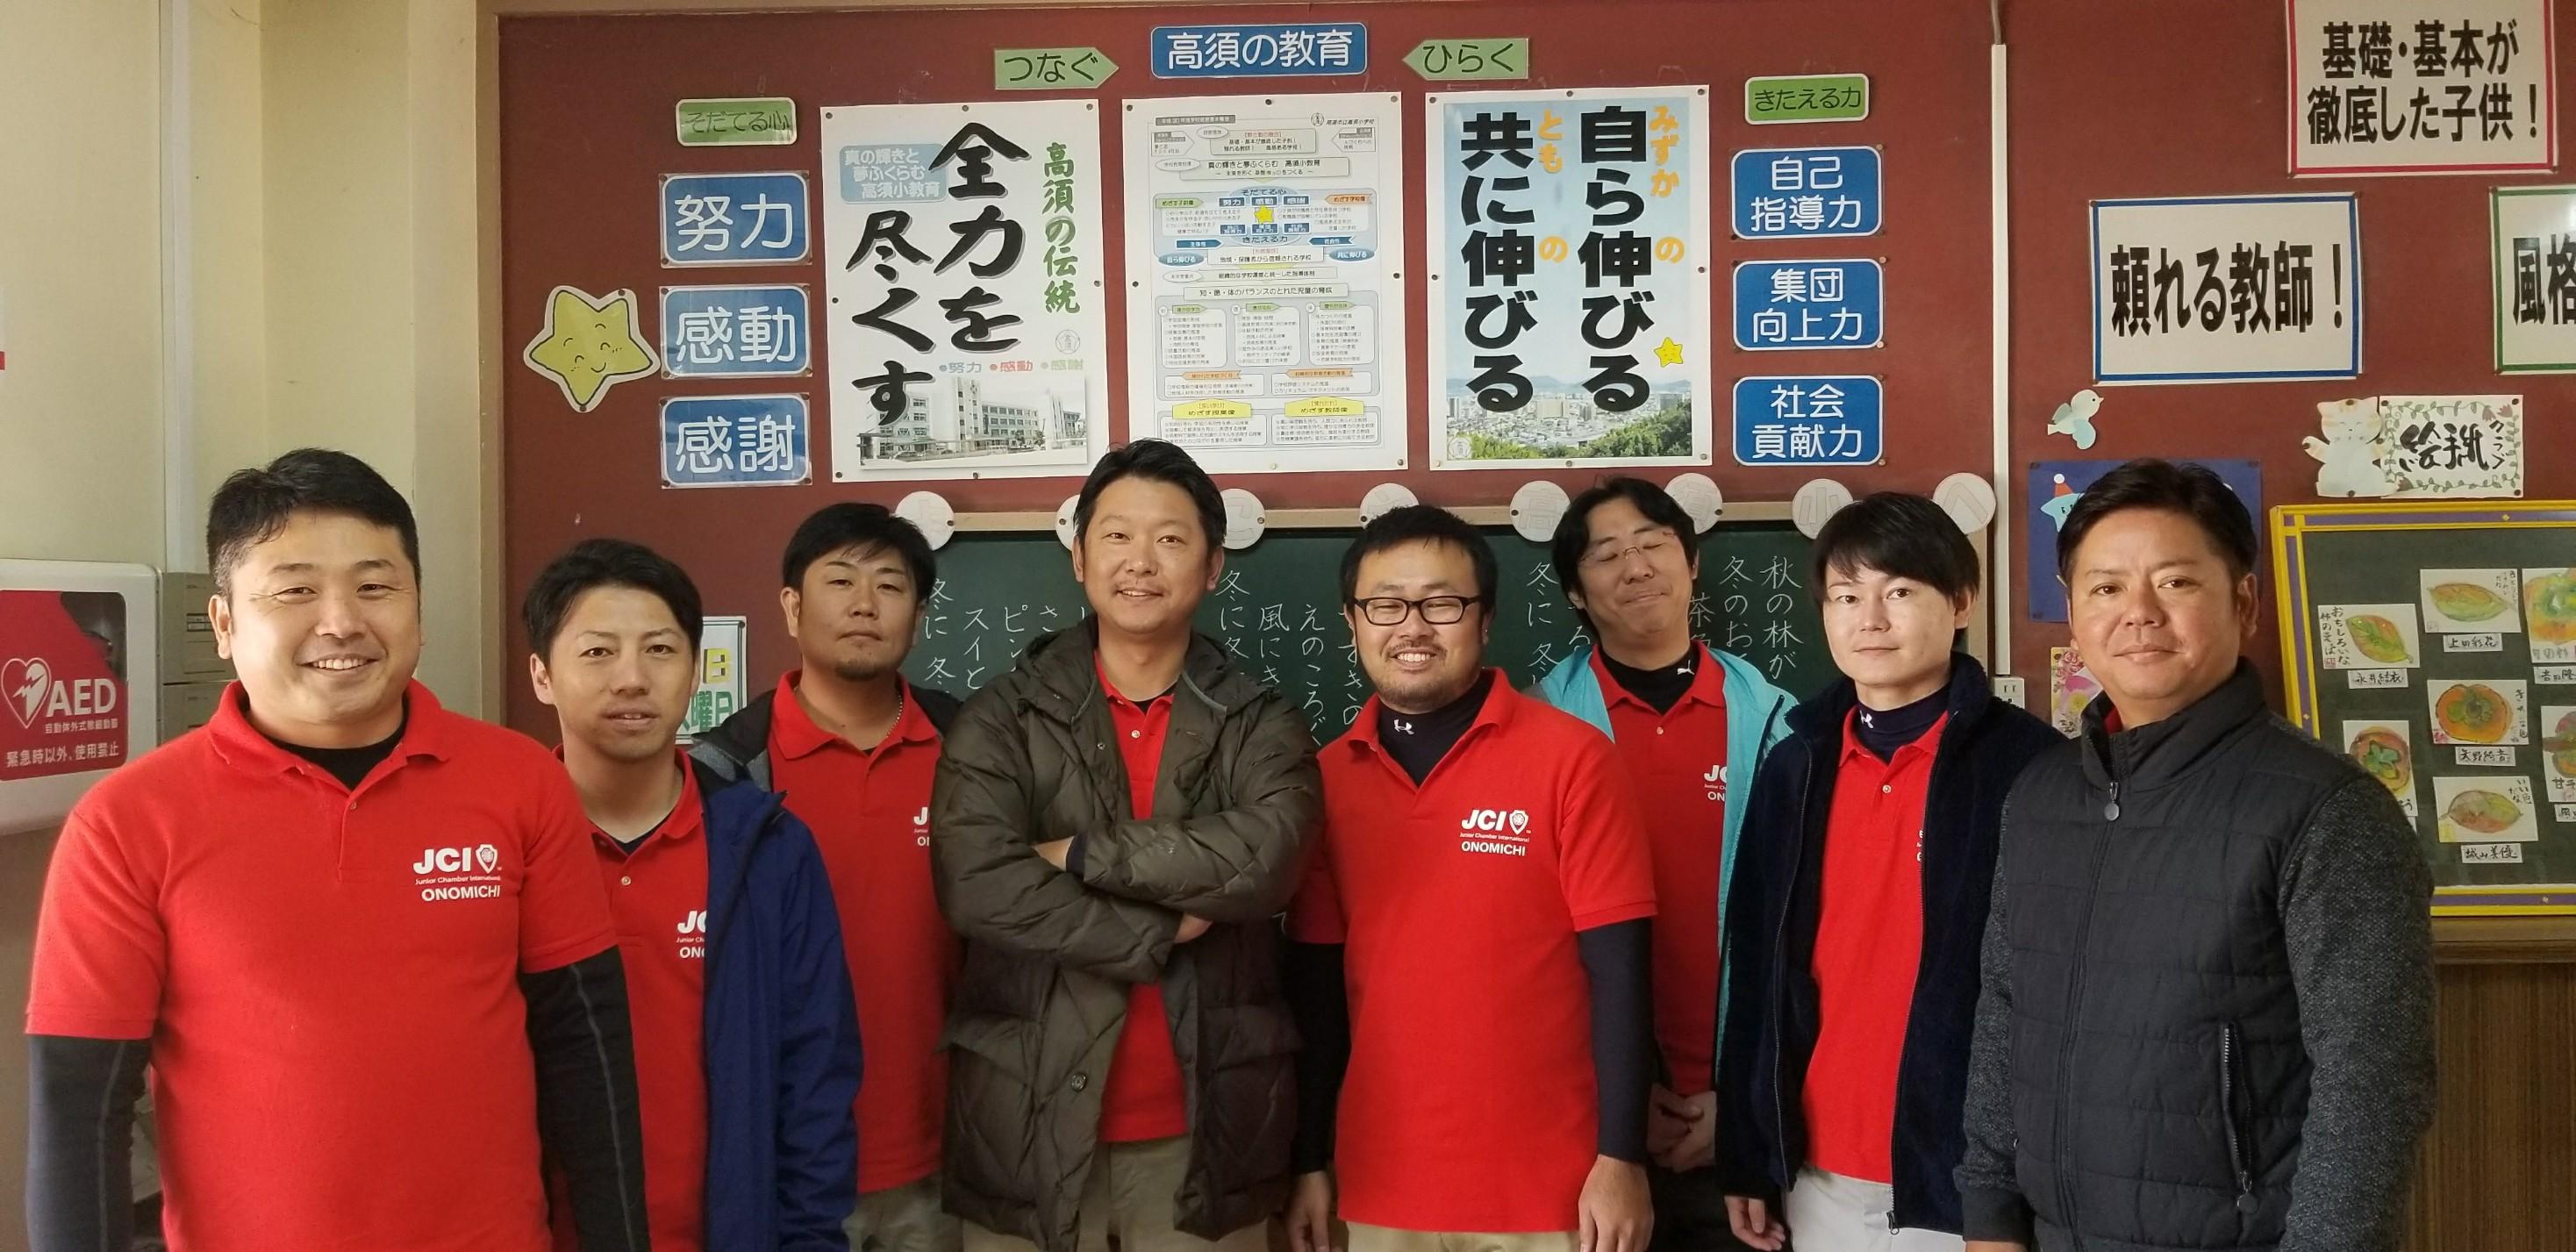 出前授業「自ら考え、生き残る防災」in高須小学校